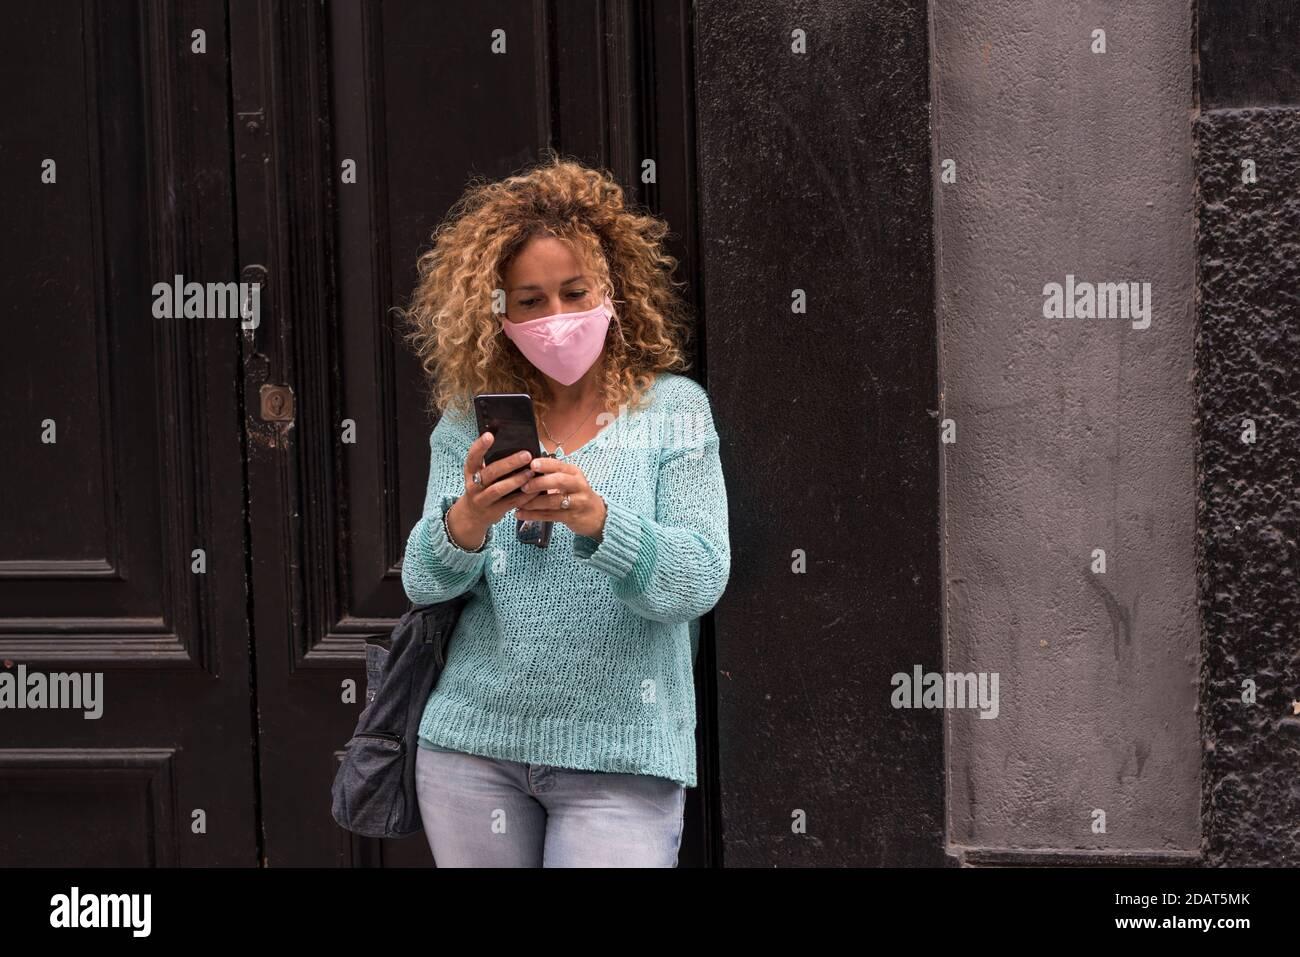 La femme adulte porte un masque de protection contre l'urgence du virus coronavirus Covid-19 - protégez-vous les gens avec l'accessoire anti virus - femme en ville Banque D'Images